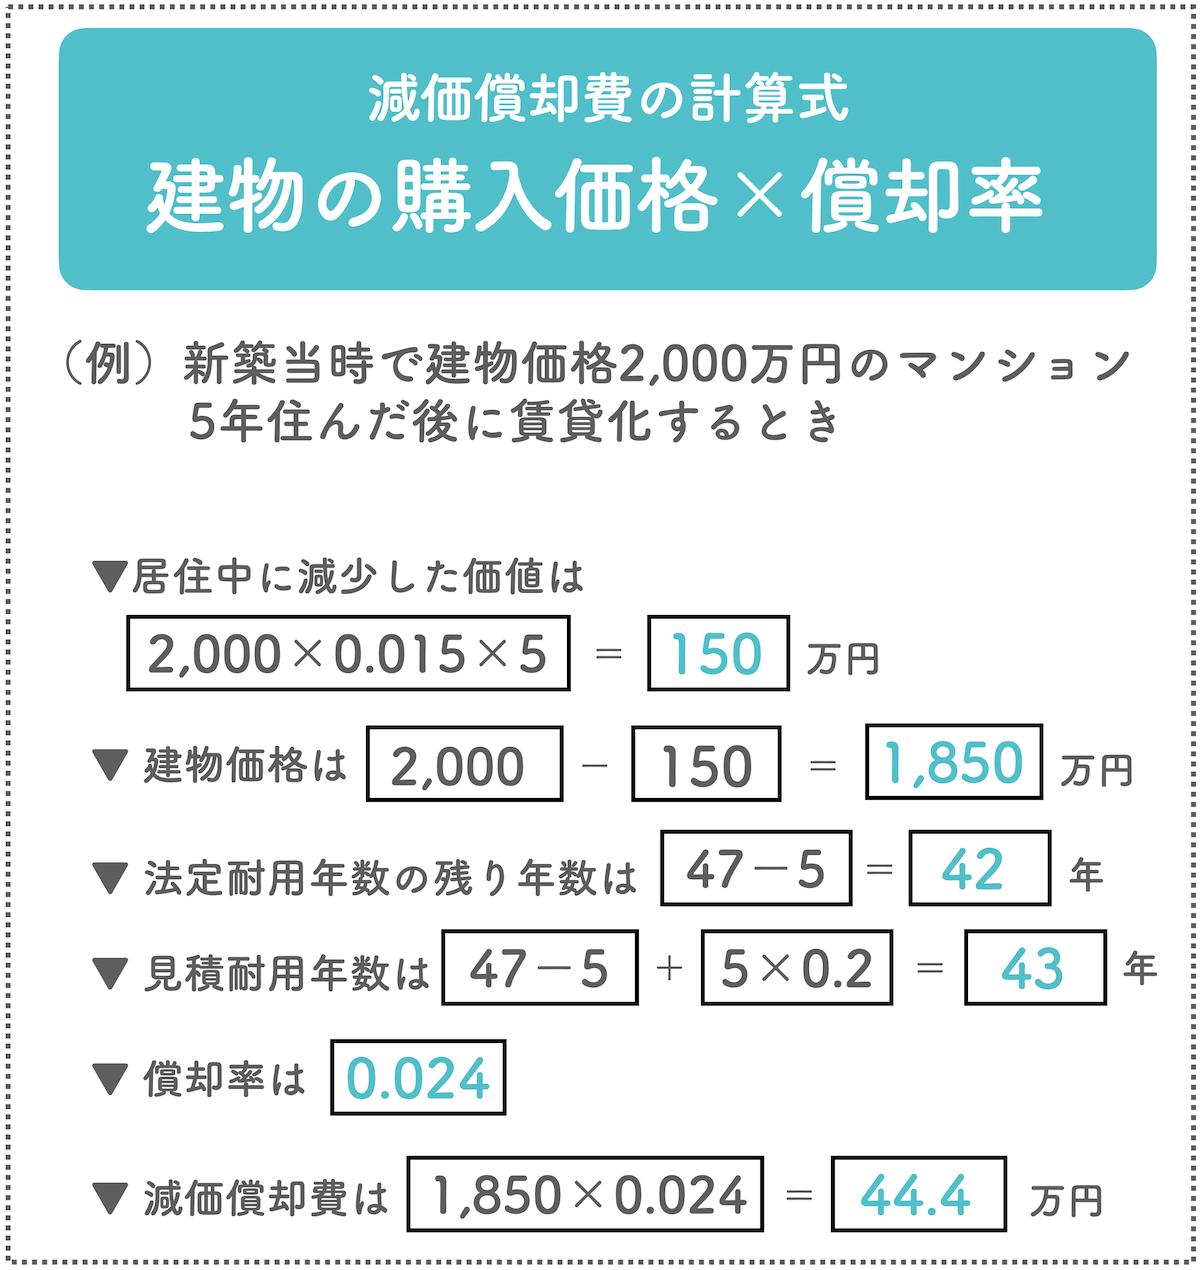 耐用 年数 表 国税庁